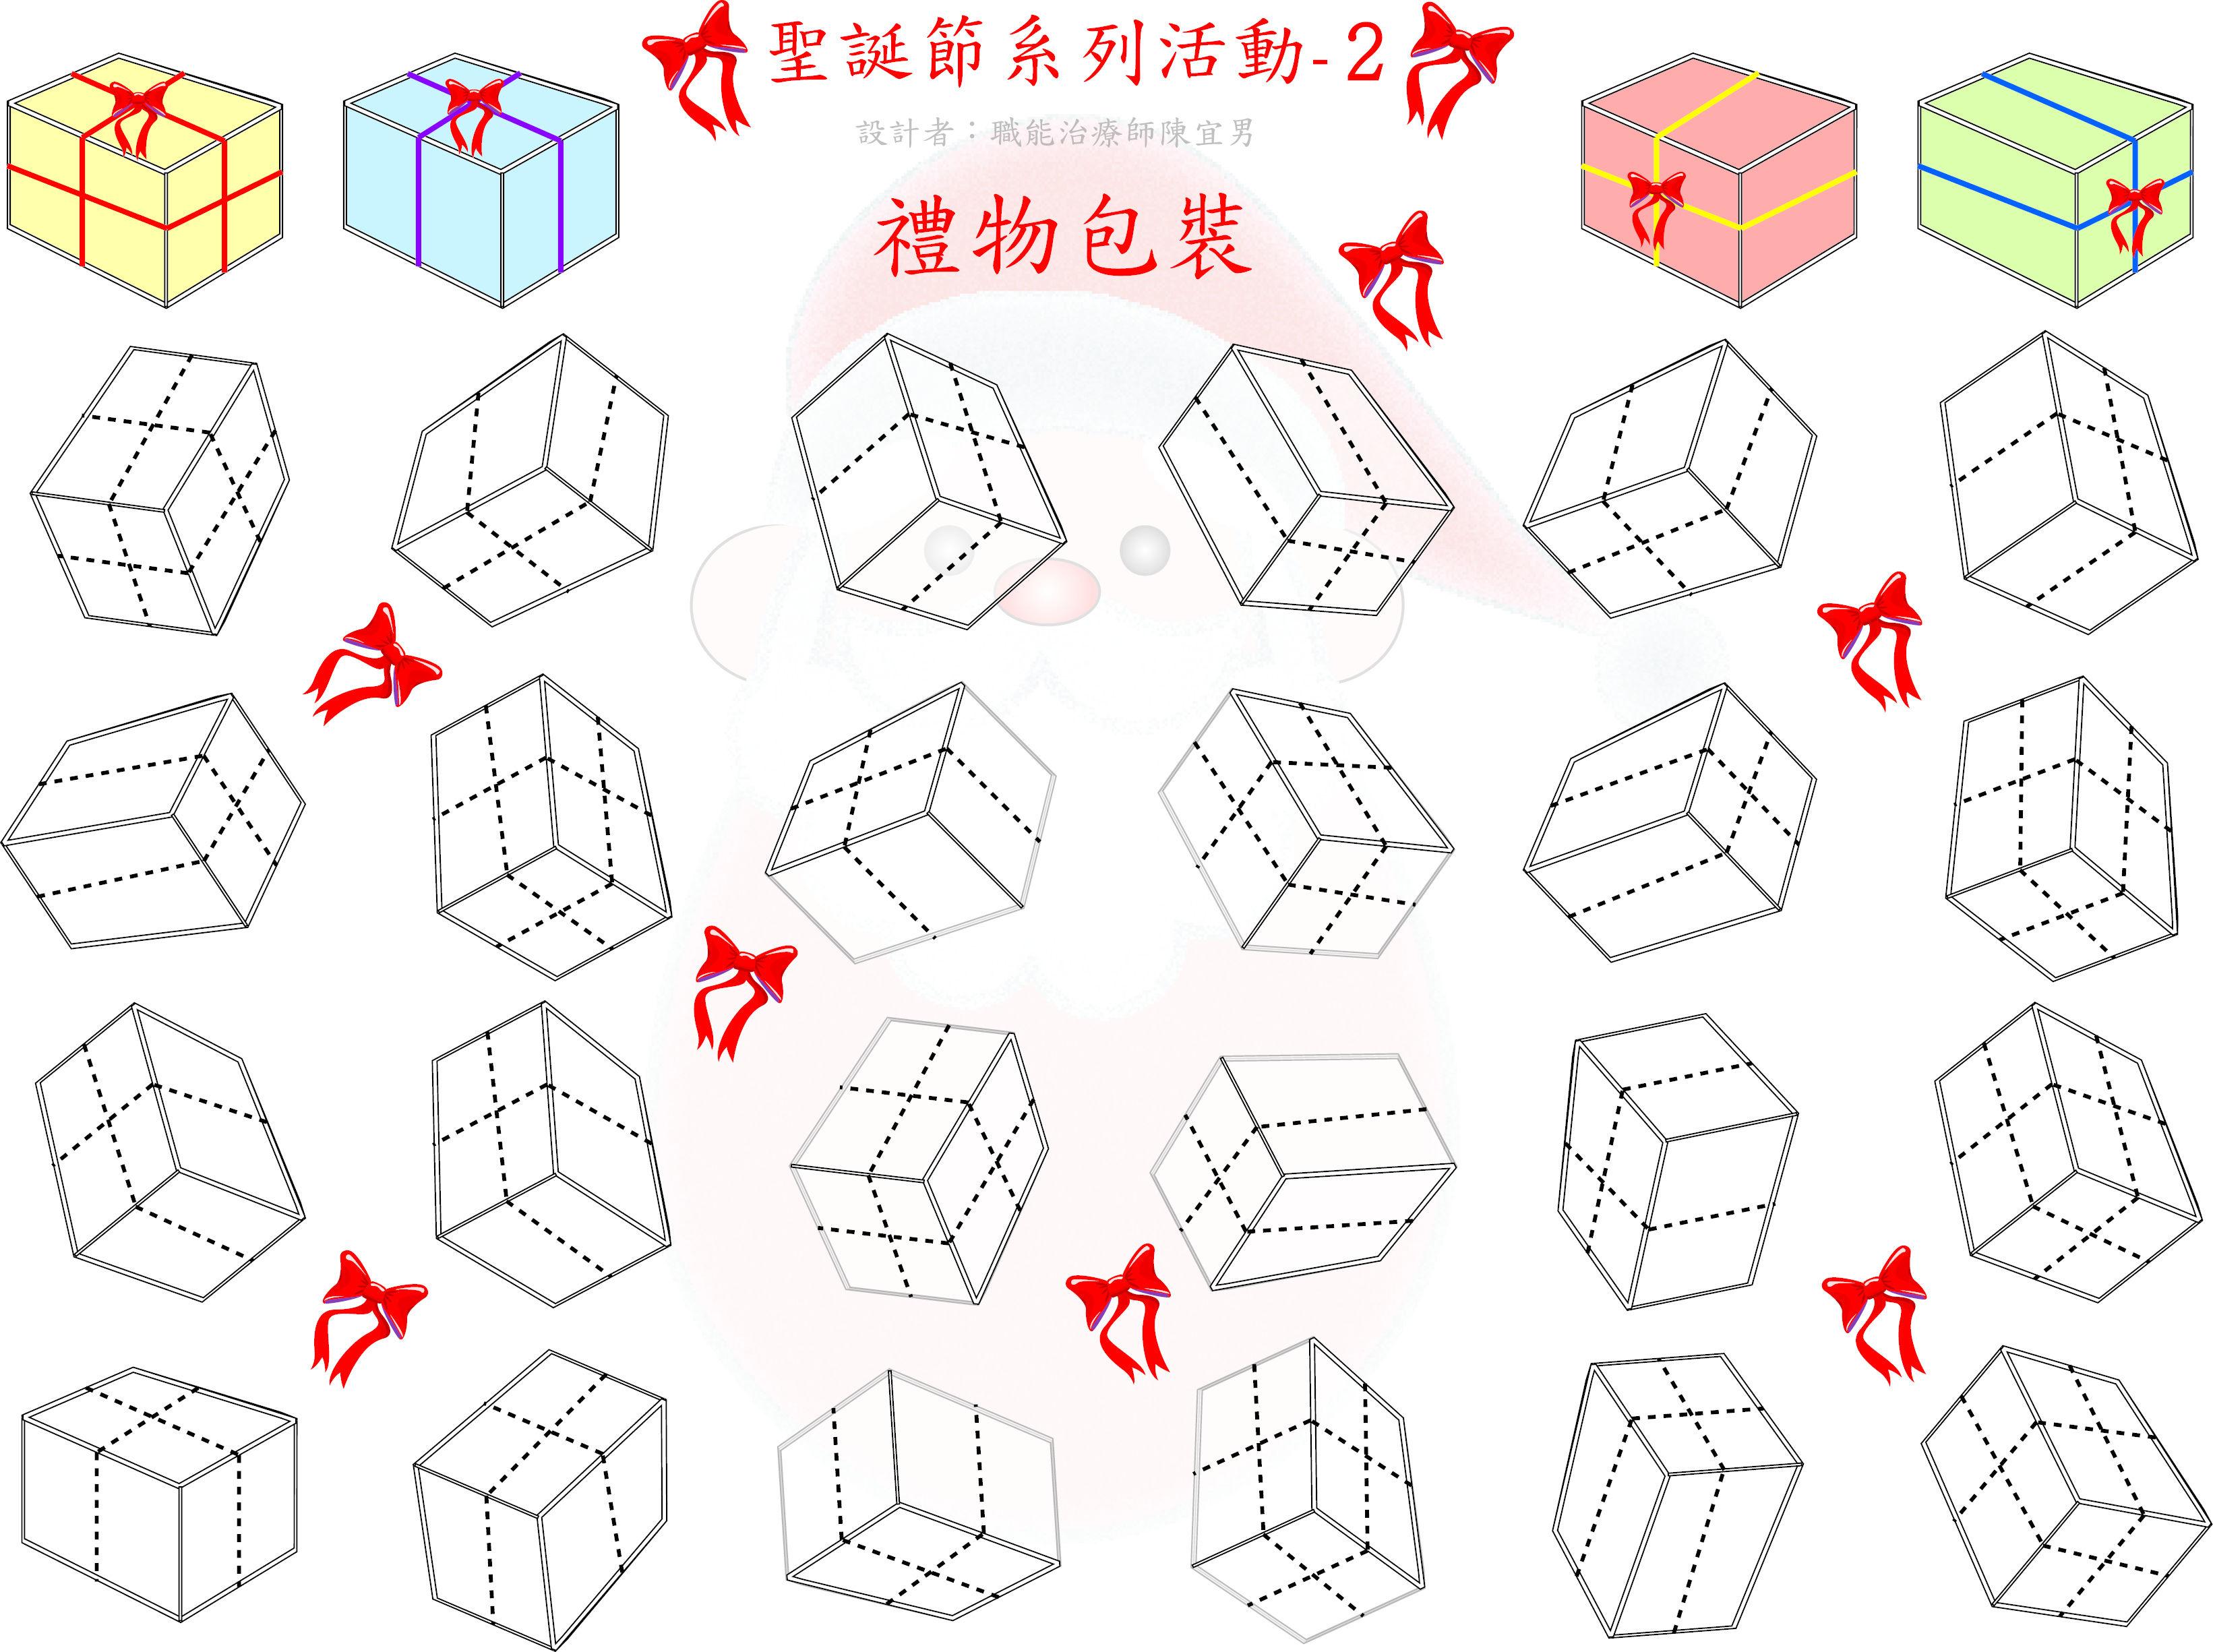 聖誕節系列遊戲-2_禮物包裝(旋轉篇)